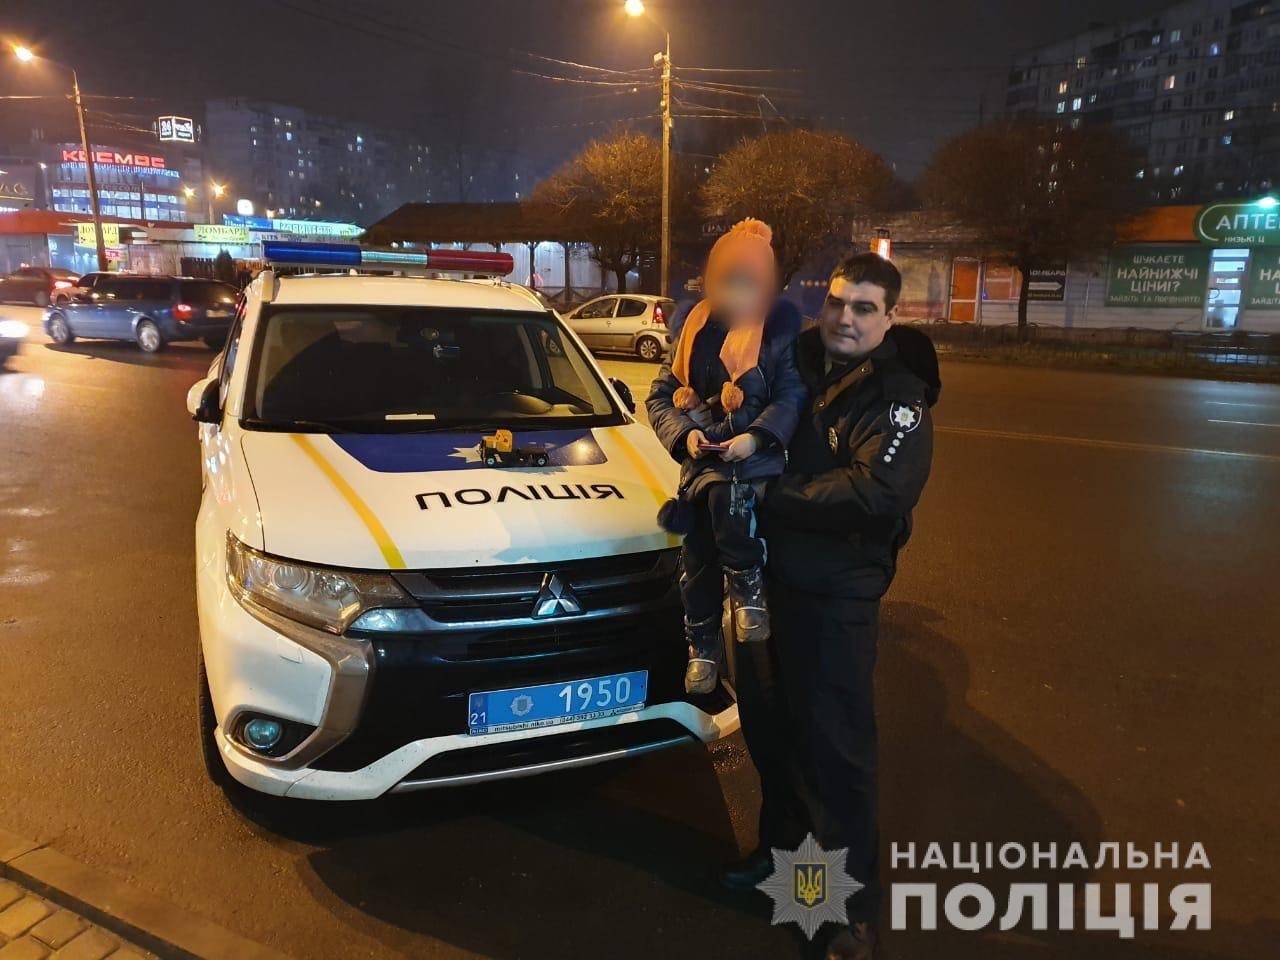 В Харькове разыскали 6-летнюю девочку, которая сбежала от родителей, - ФОТО , фото-1